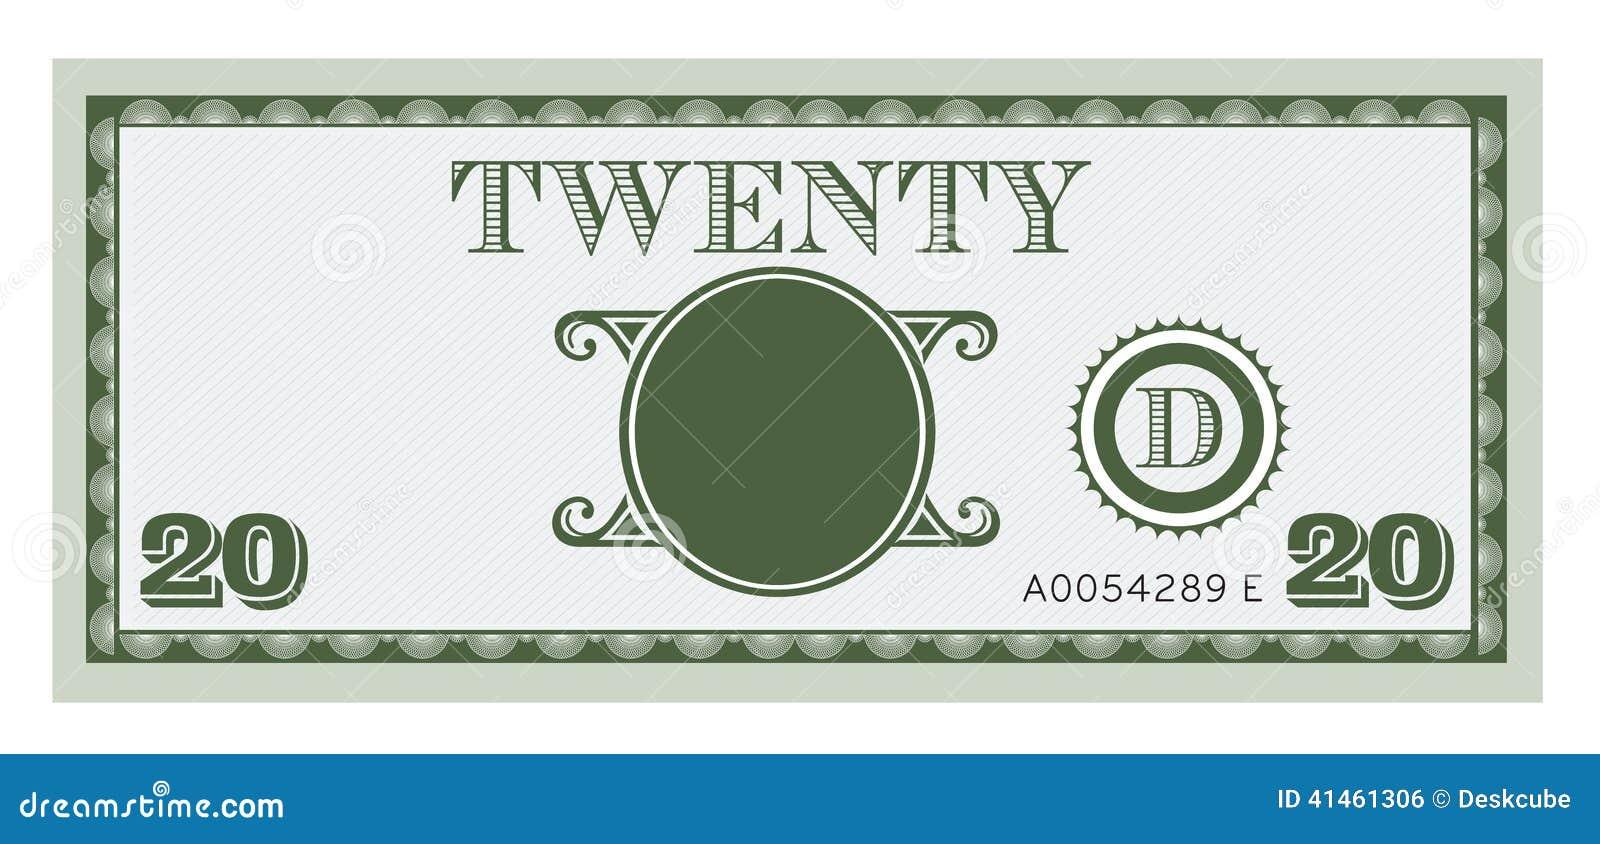 Image De Facture D'argent Vingt Avec L'espace Pour Ajouter ...